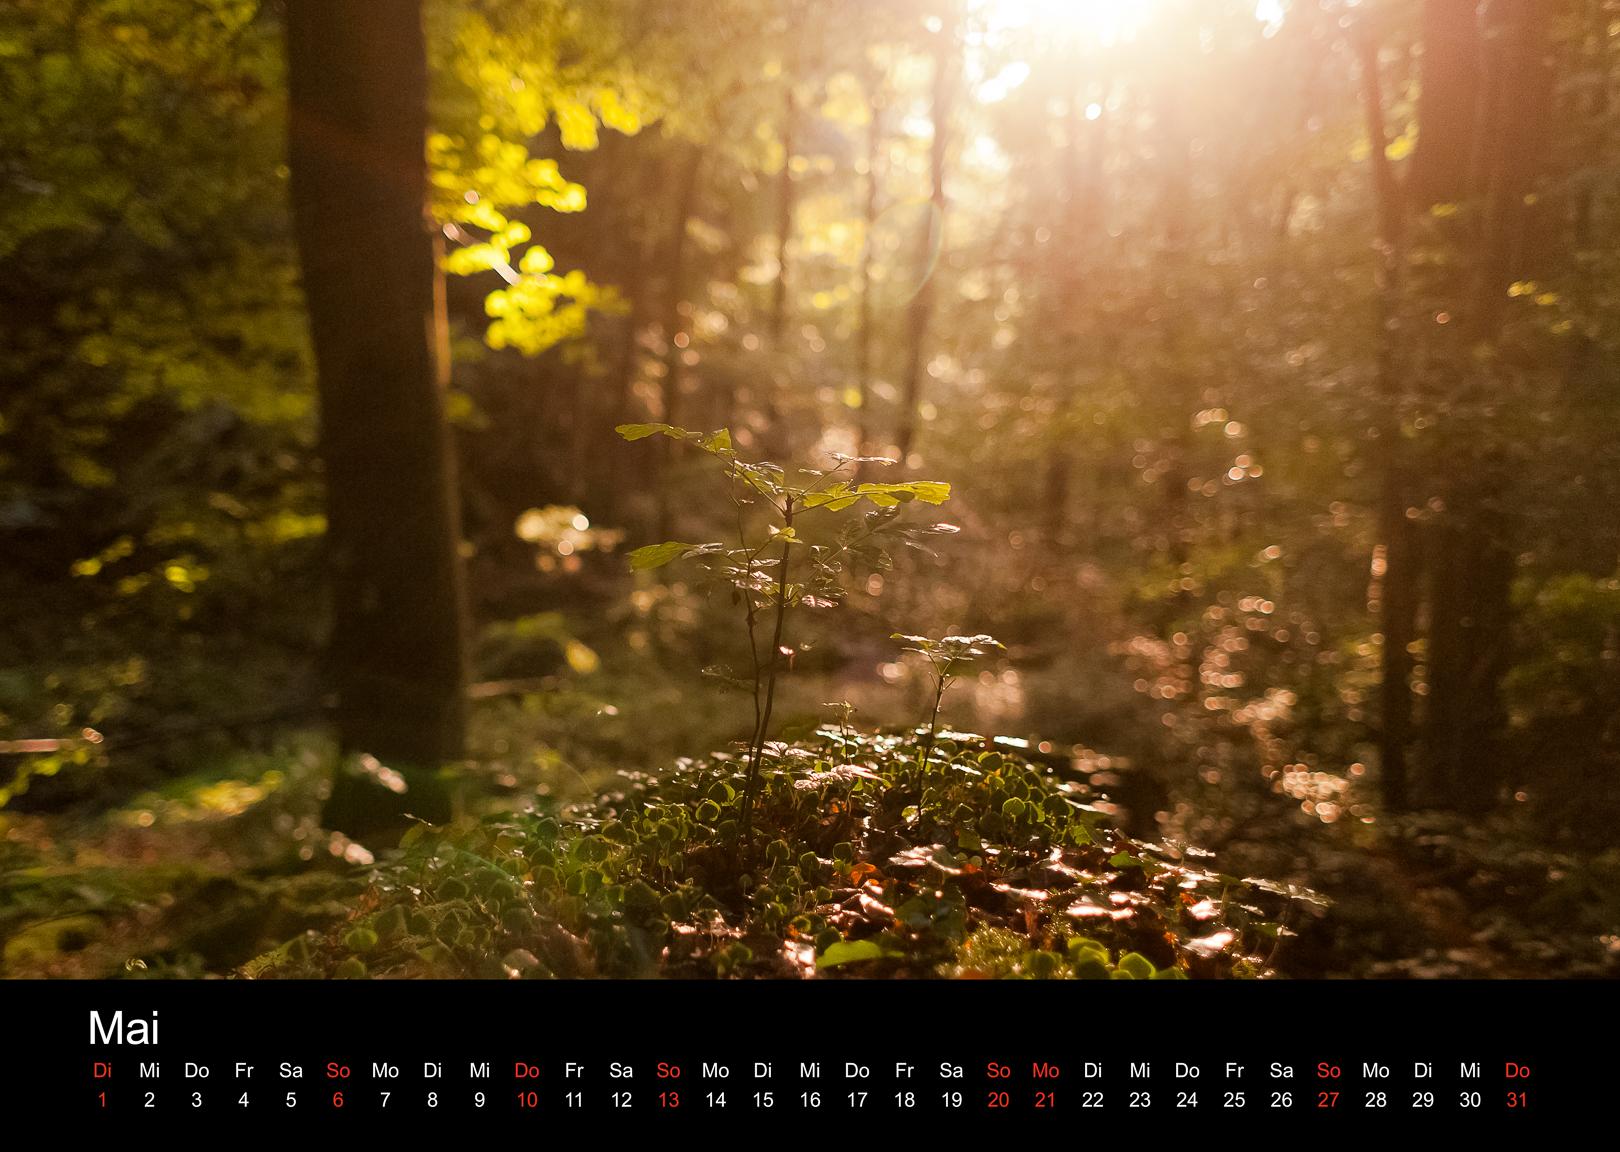 Schwarzwald-Kalender 2018 Mai